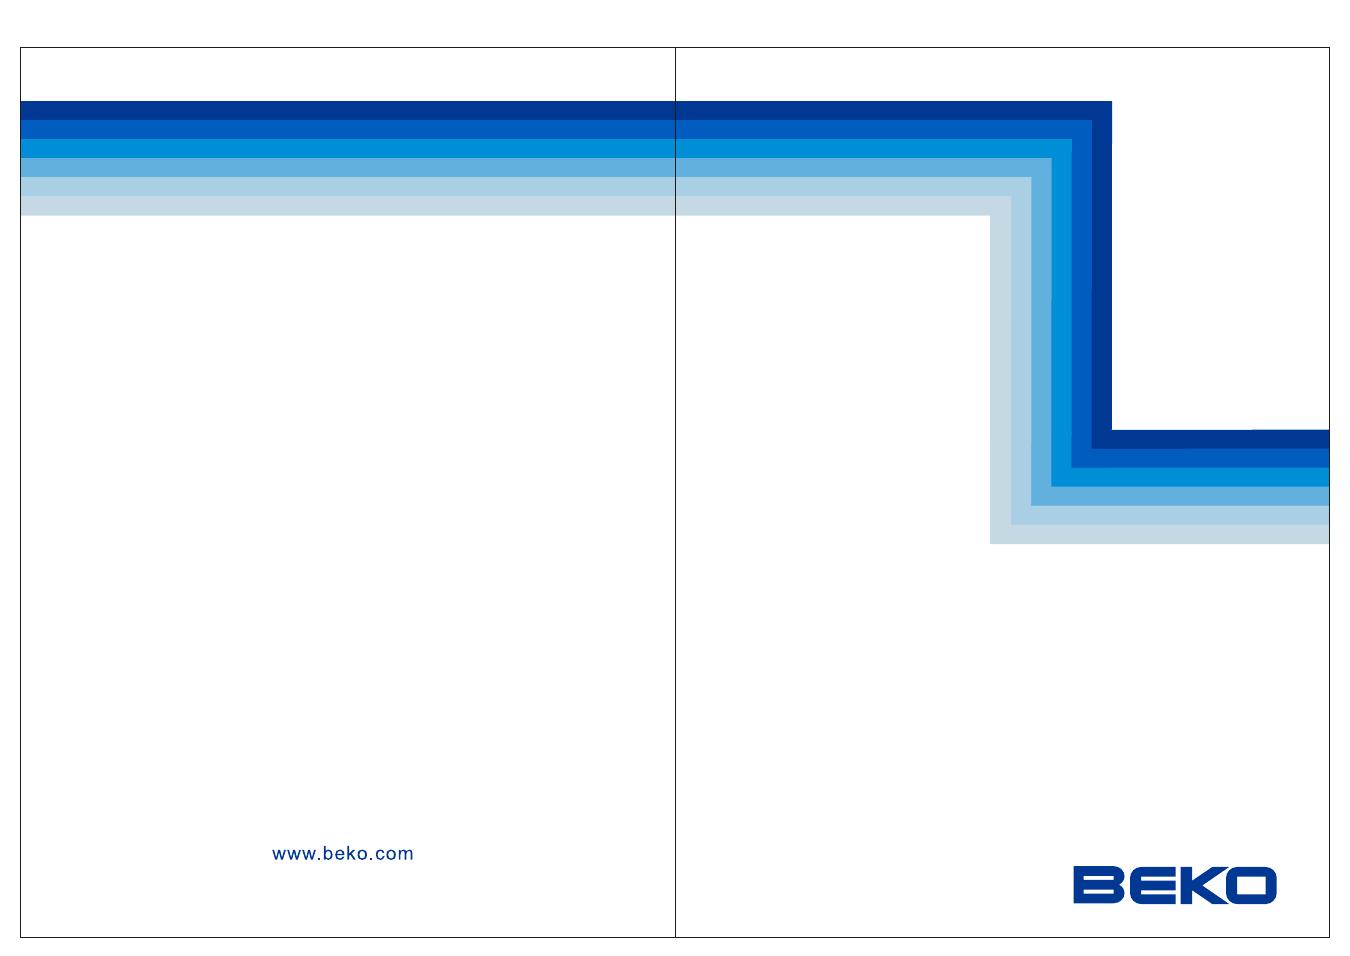 Beko 090 091 3